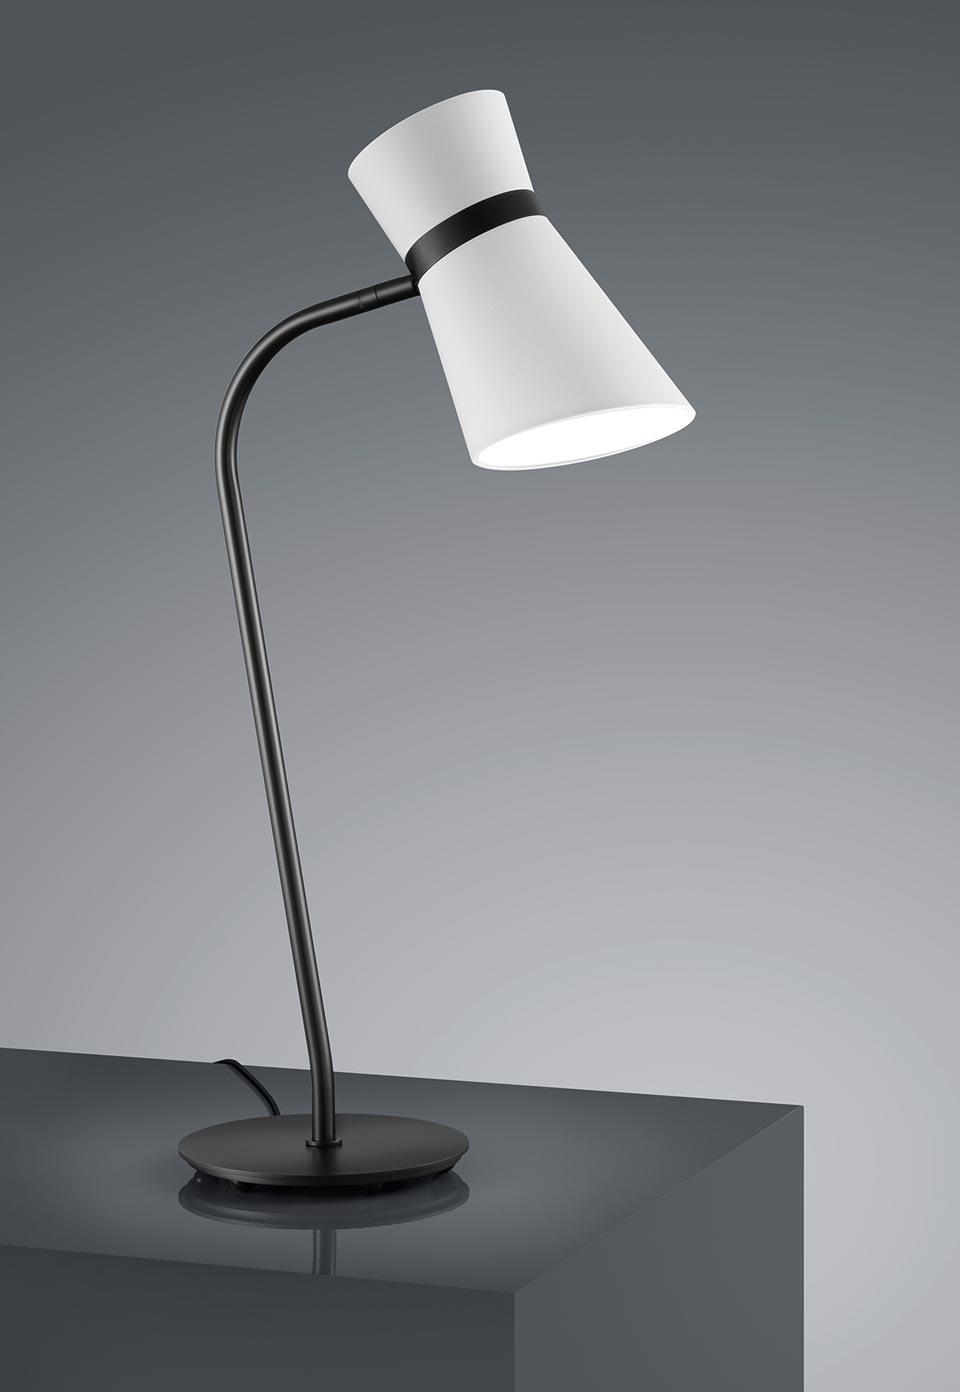 Lampe de table en métal noir mat. Baulmann Leuchten.